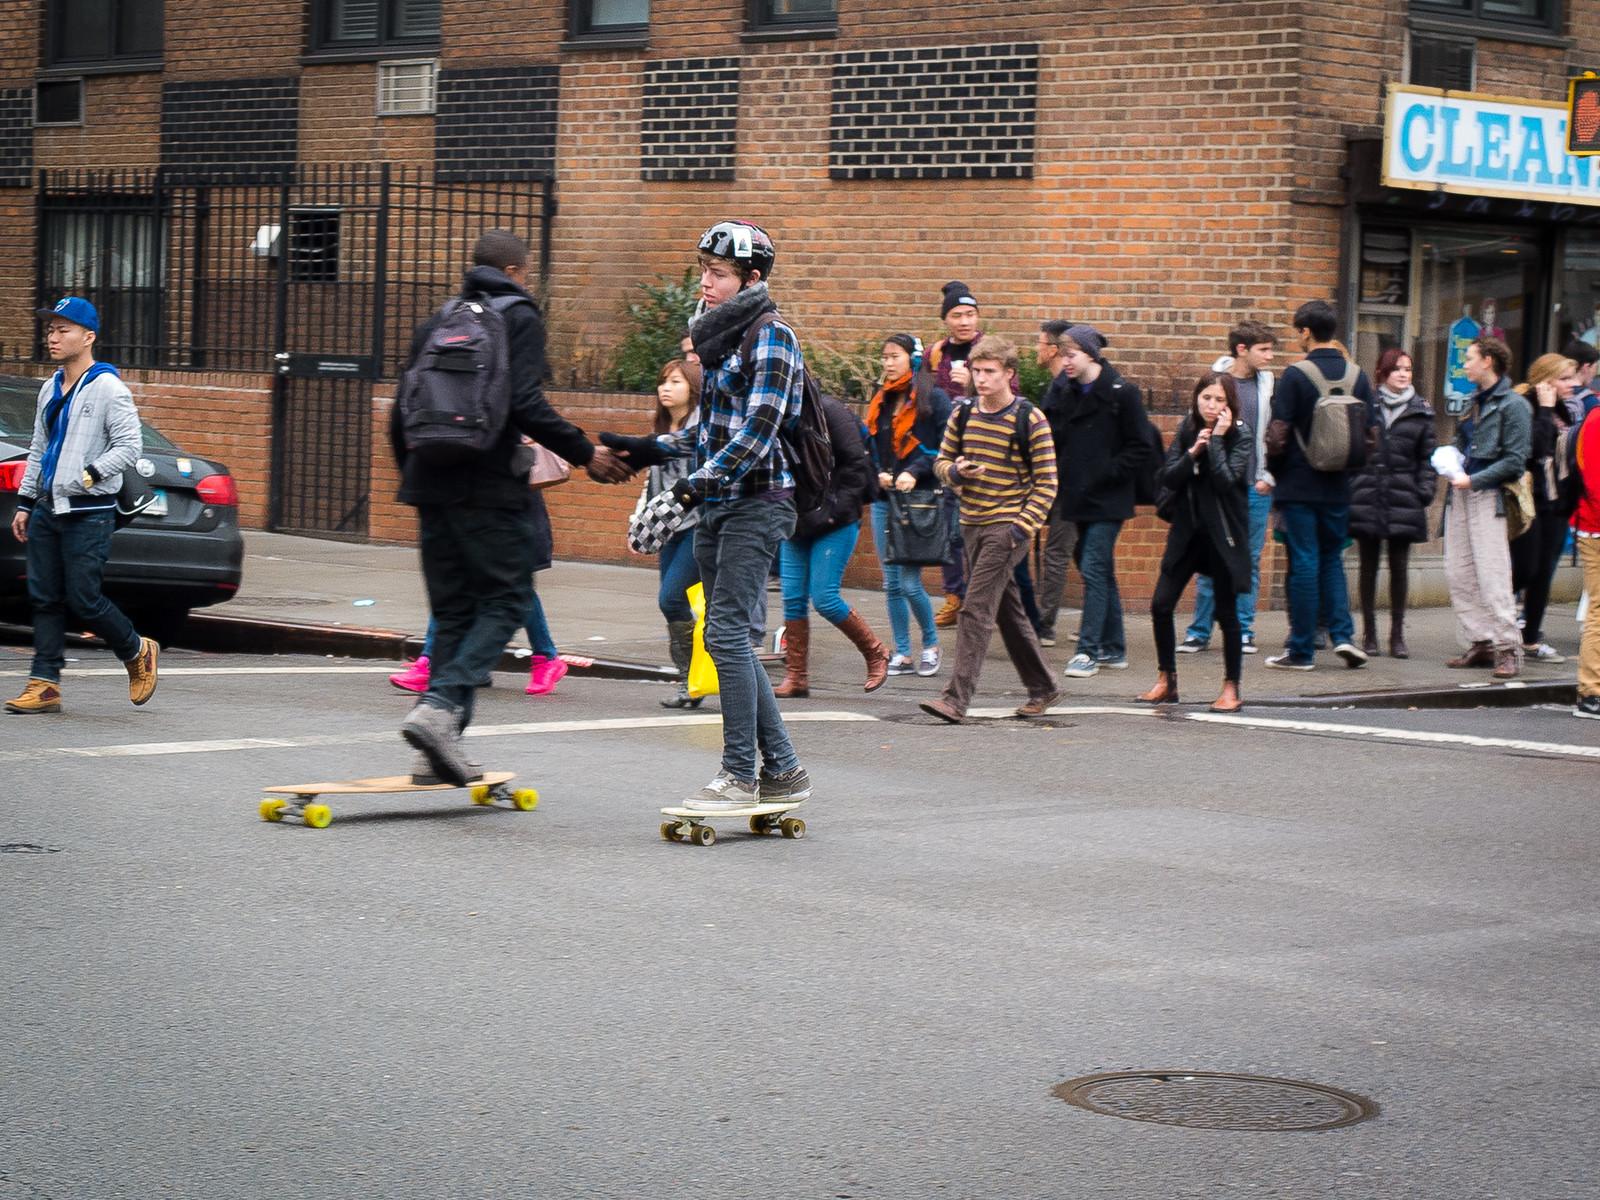 Skaters by wwward0